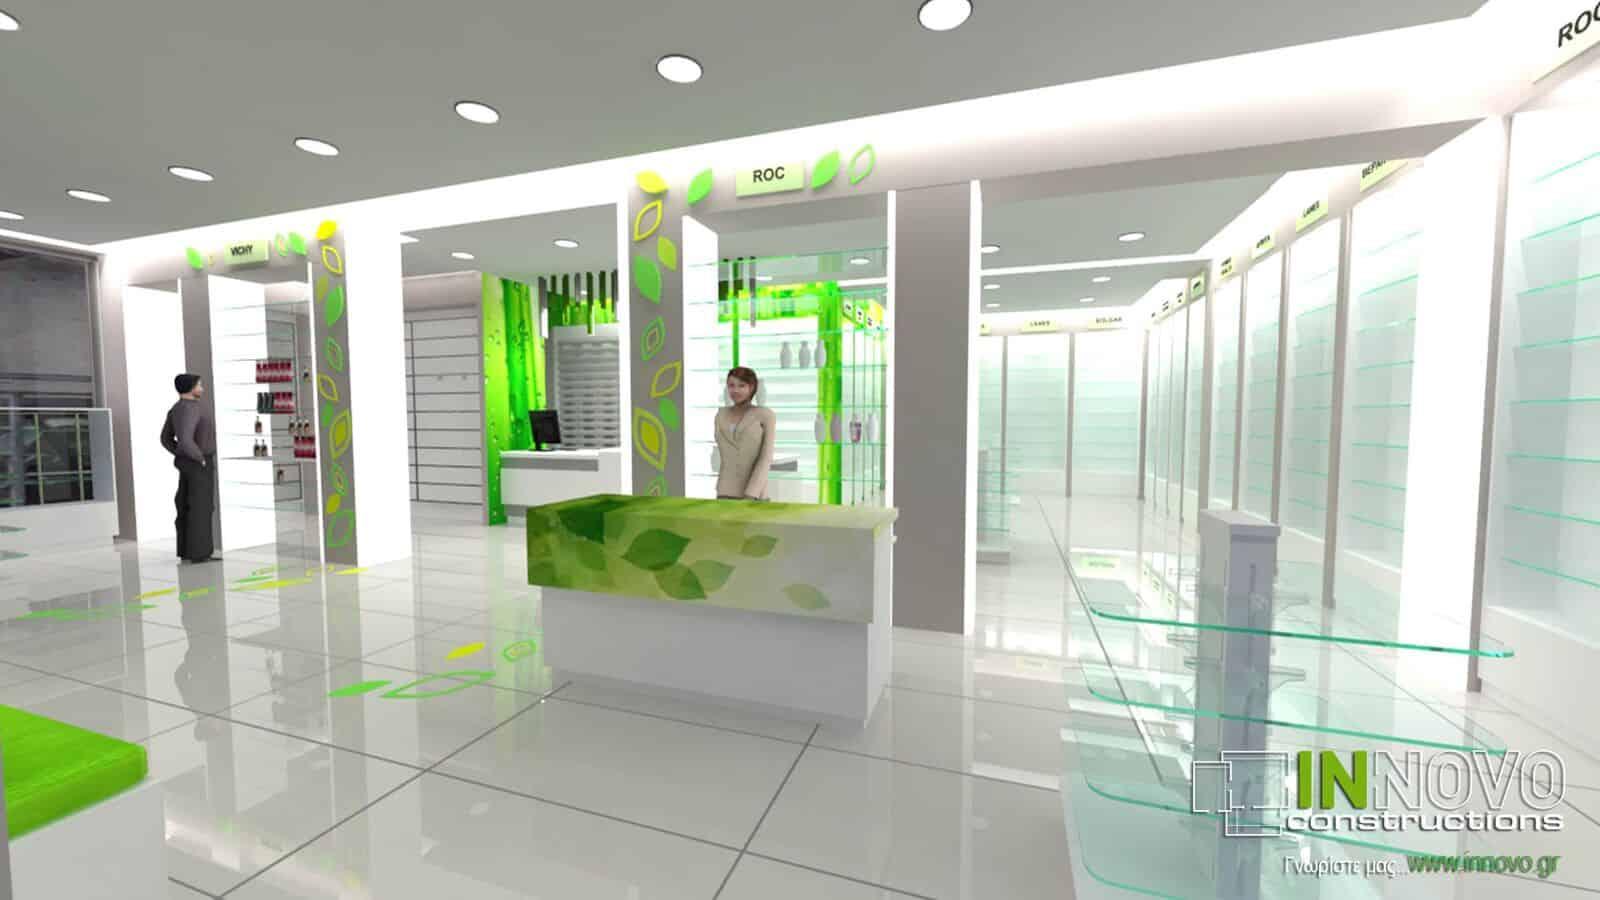 Ανακαίνιση Φαρμακείου στο Νέο Ηράκλειο